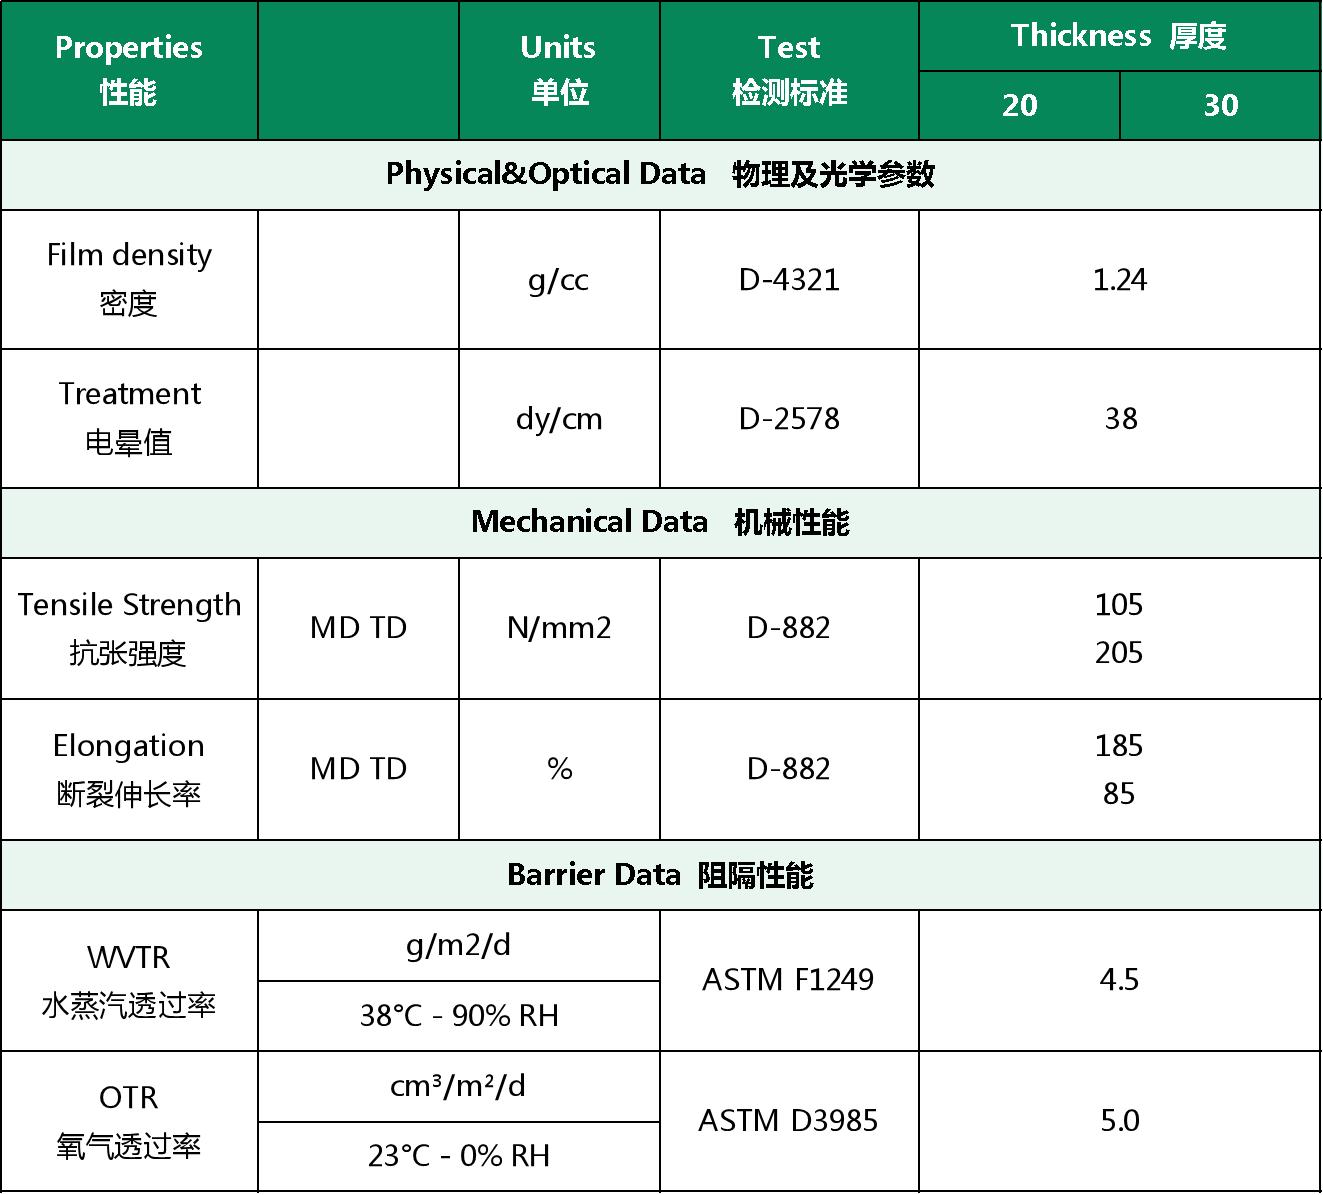 高阻隔PLA镀铝膜参数信息